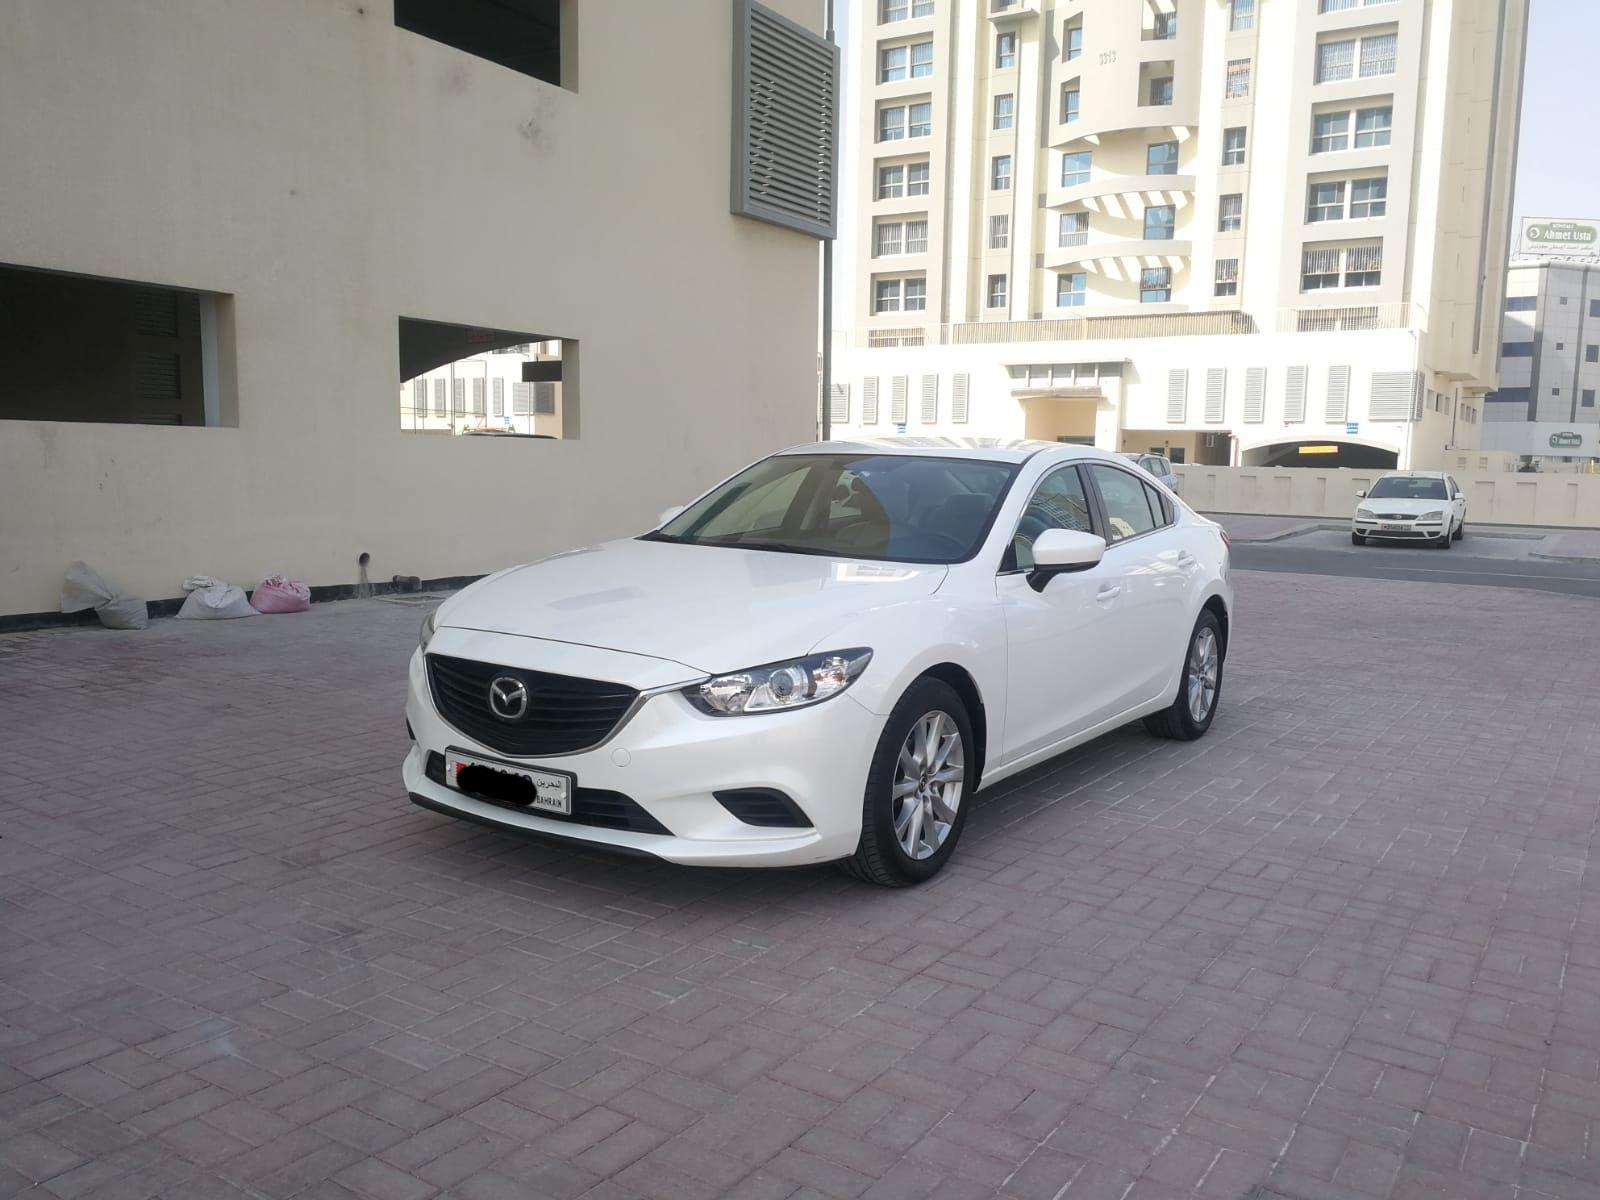 Mazda-6 / 2018 (White)